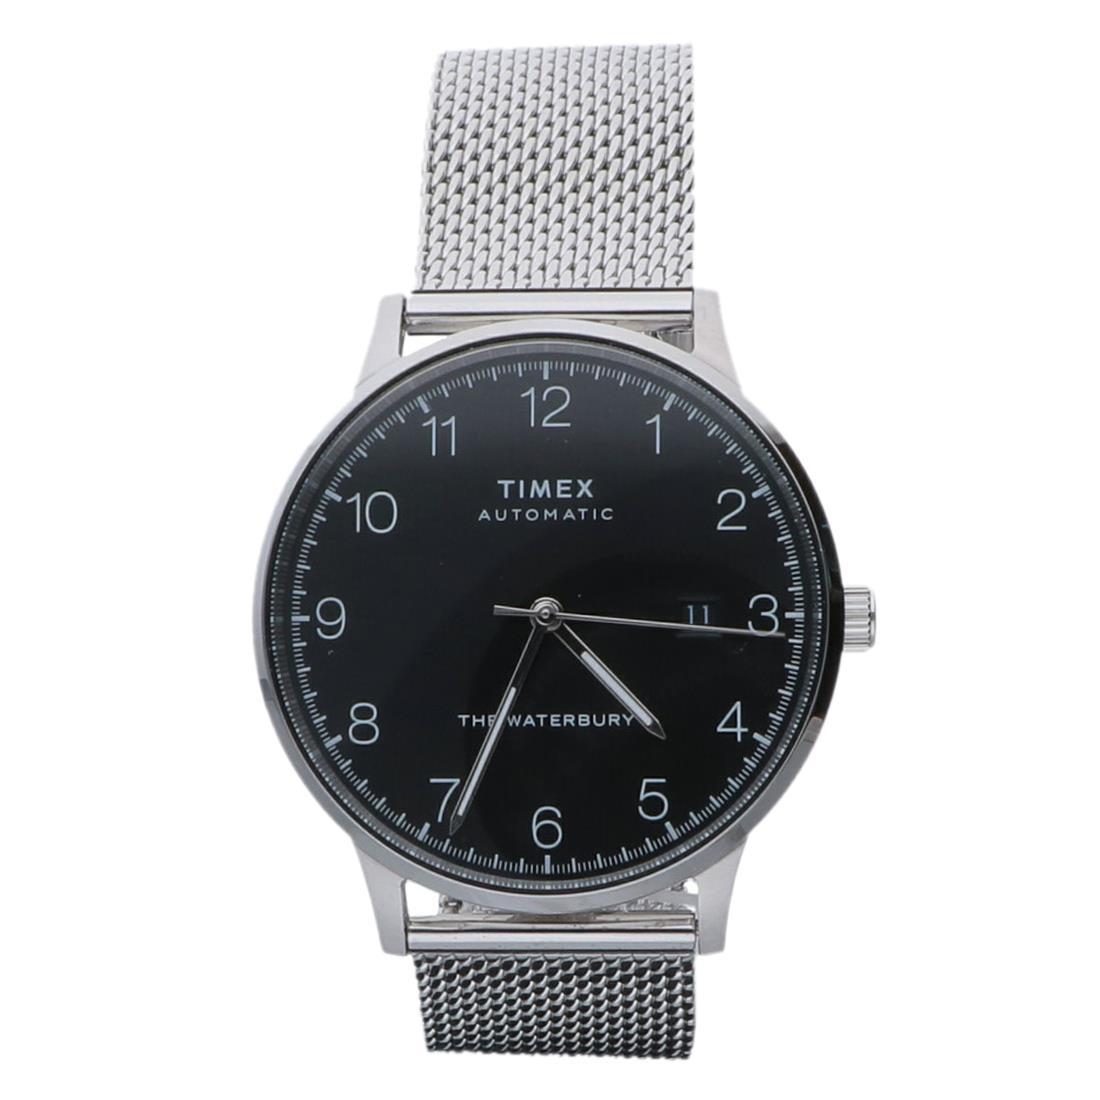 Watch 40 mm case - TIMEX